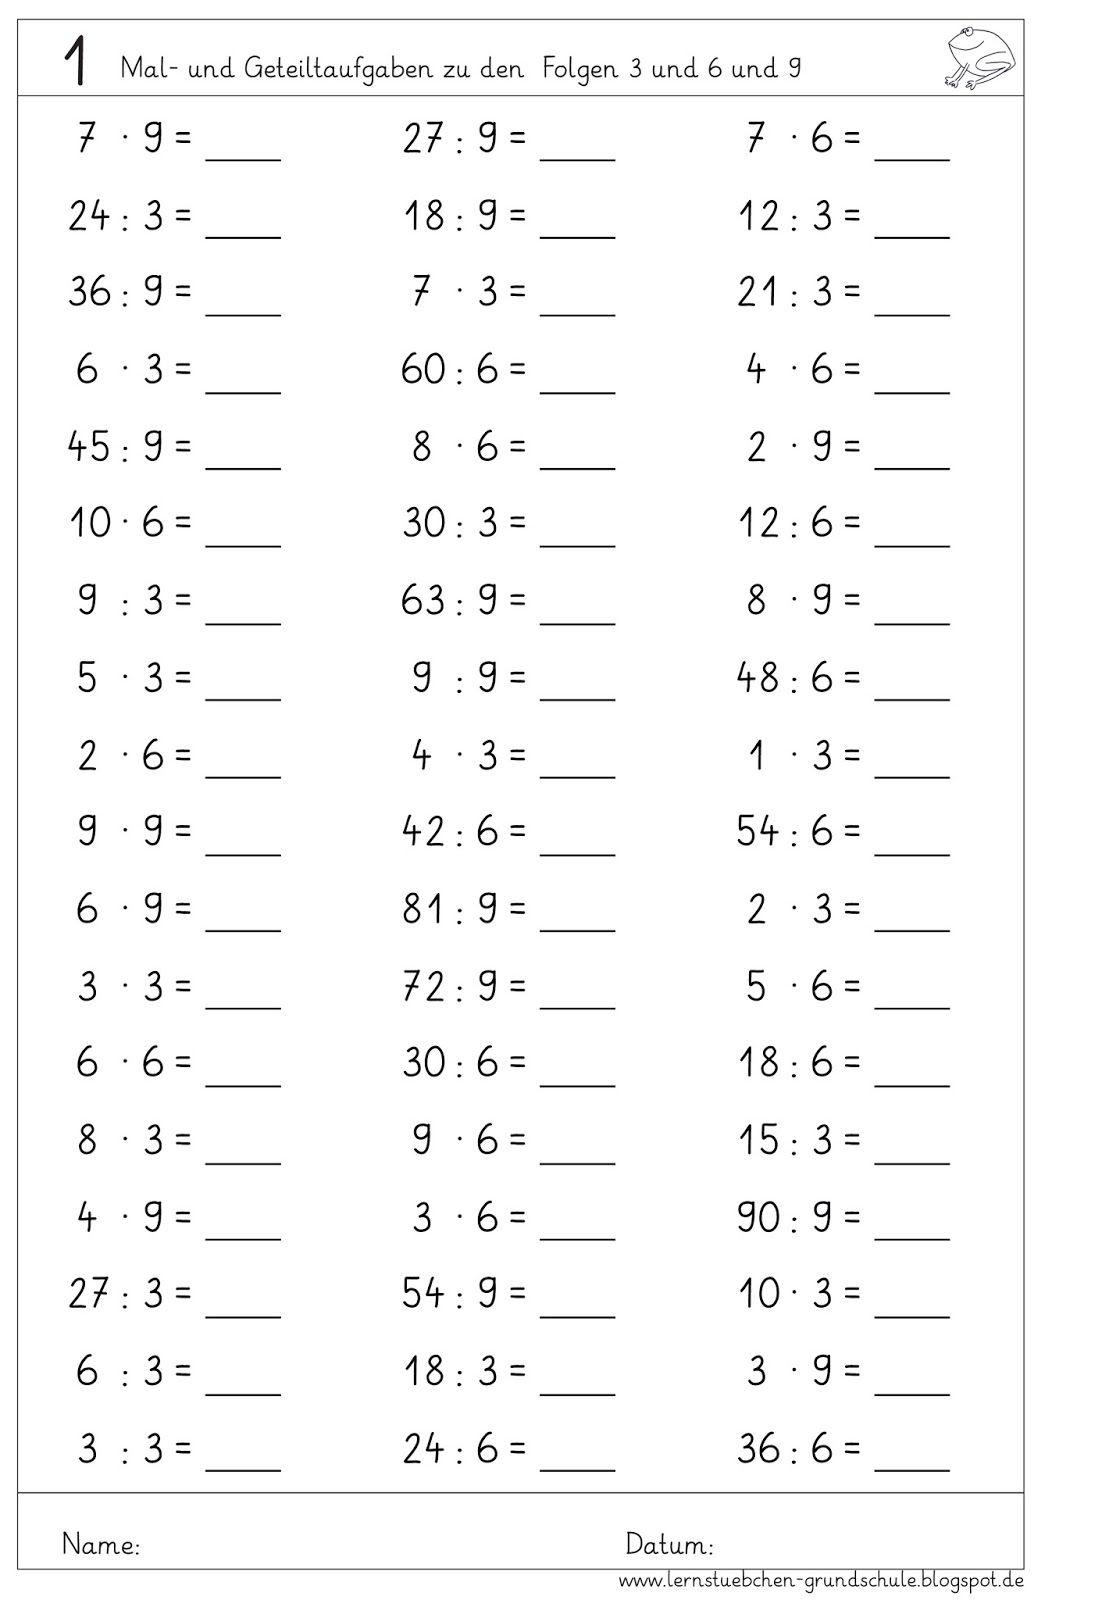 Lernstübchen: MA 2 Einmaleins-Kopfrechnen | matematik | Pinterest ...